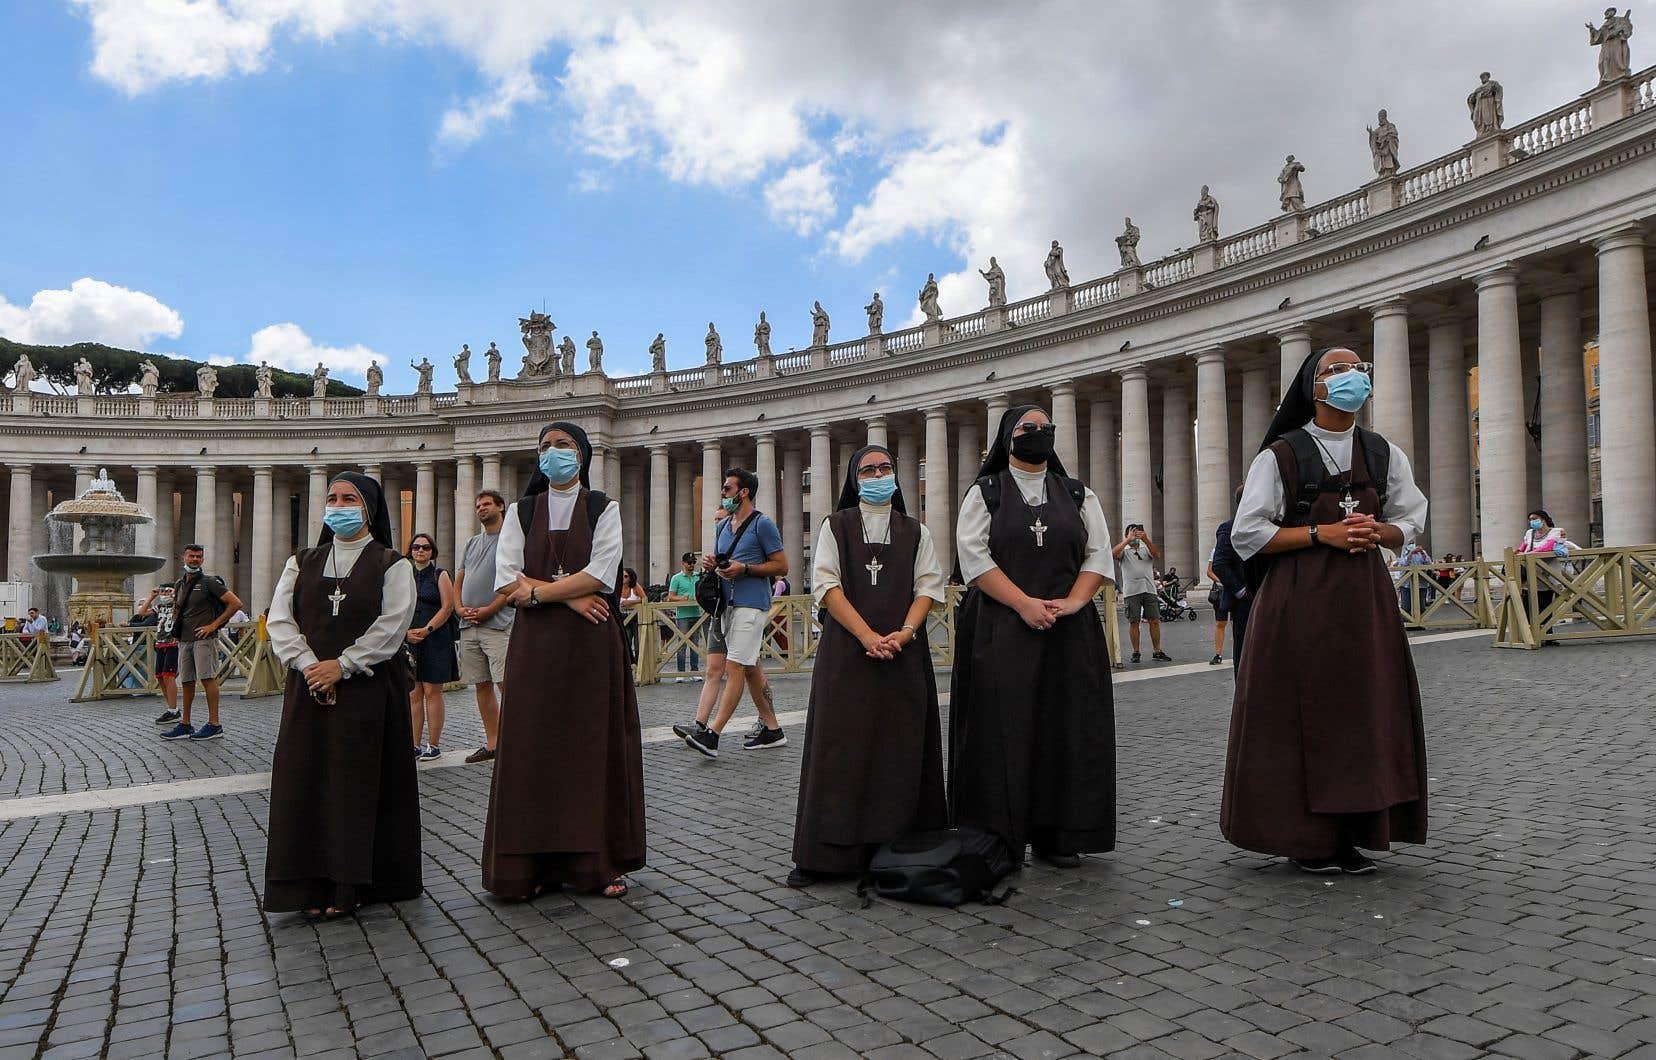 Des sœurs assistaient à la prière de l'angélus dimanche sur la place Saint-Pierre. Le Saint-Siège avait indiqué le 7 juin qu'il n'y avait plus aucun cas de nouveau coronavirus dans la Cité-État.